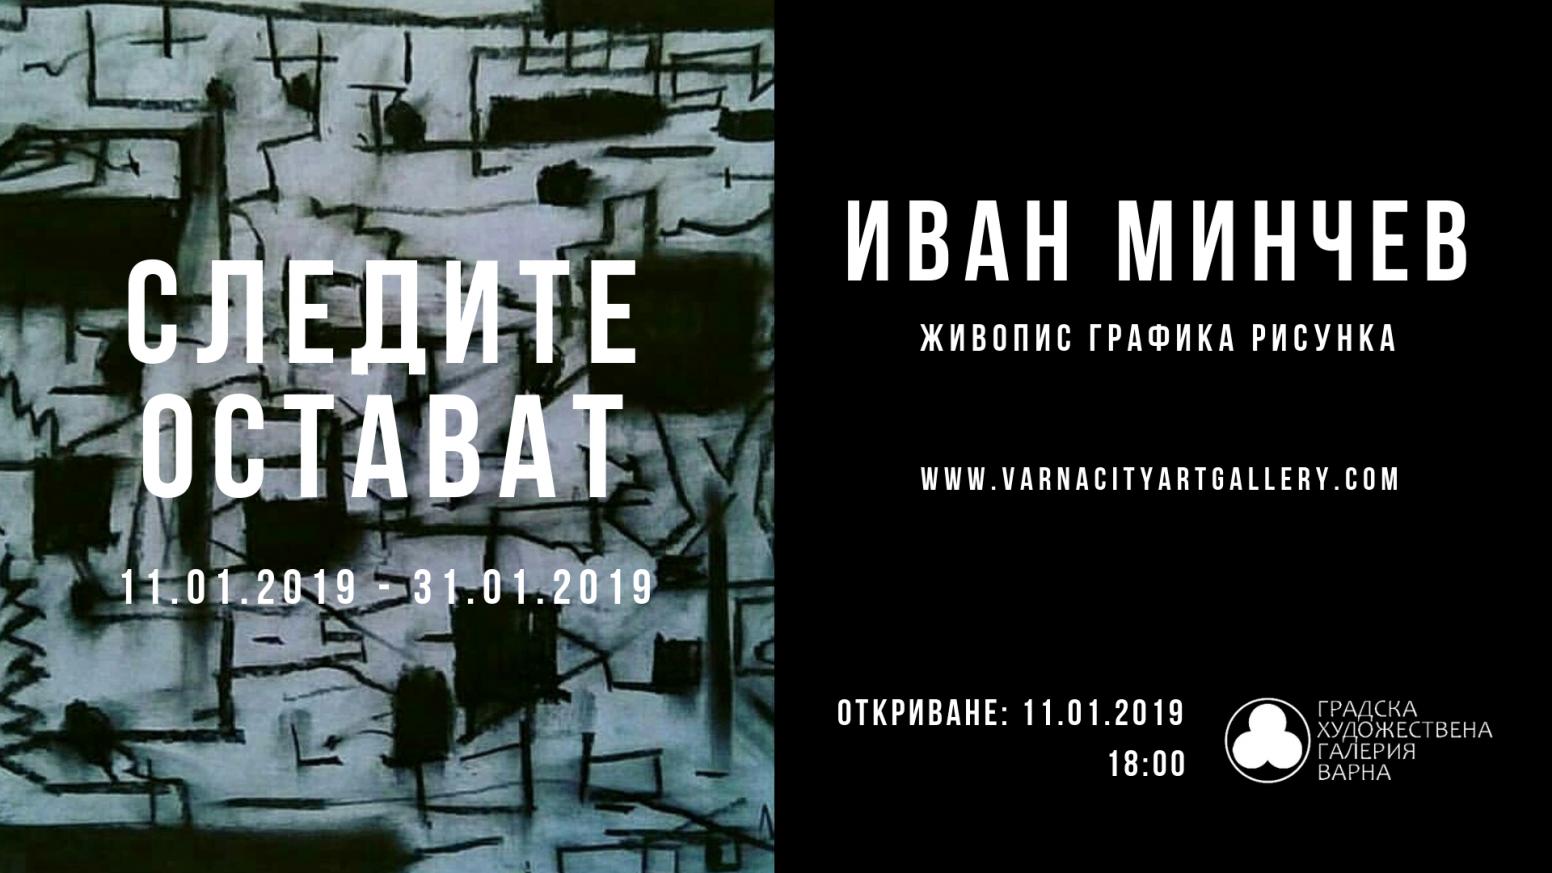 СЛЕДИТЕ ОСТАВАТ ИВАН МИНЧЕВ, живопис, графика, рисунка